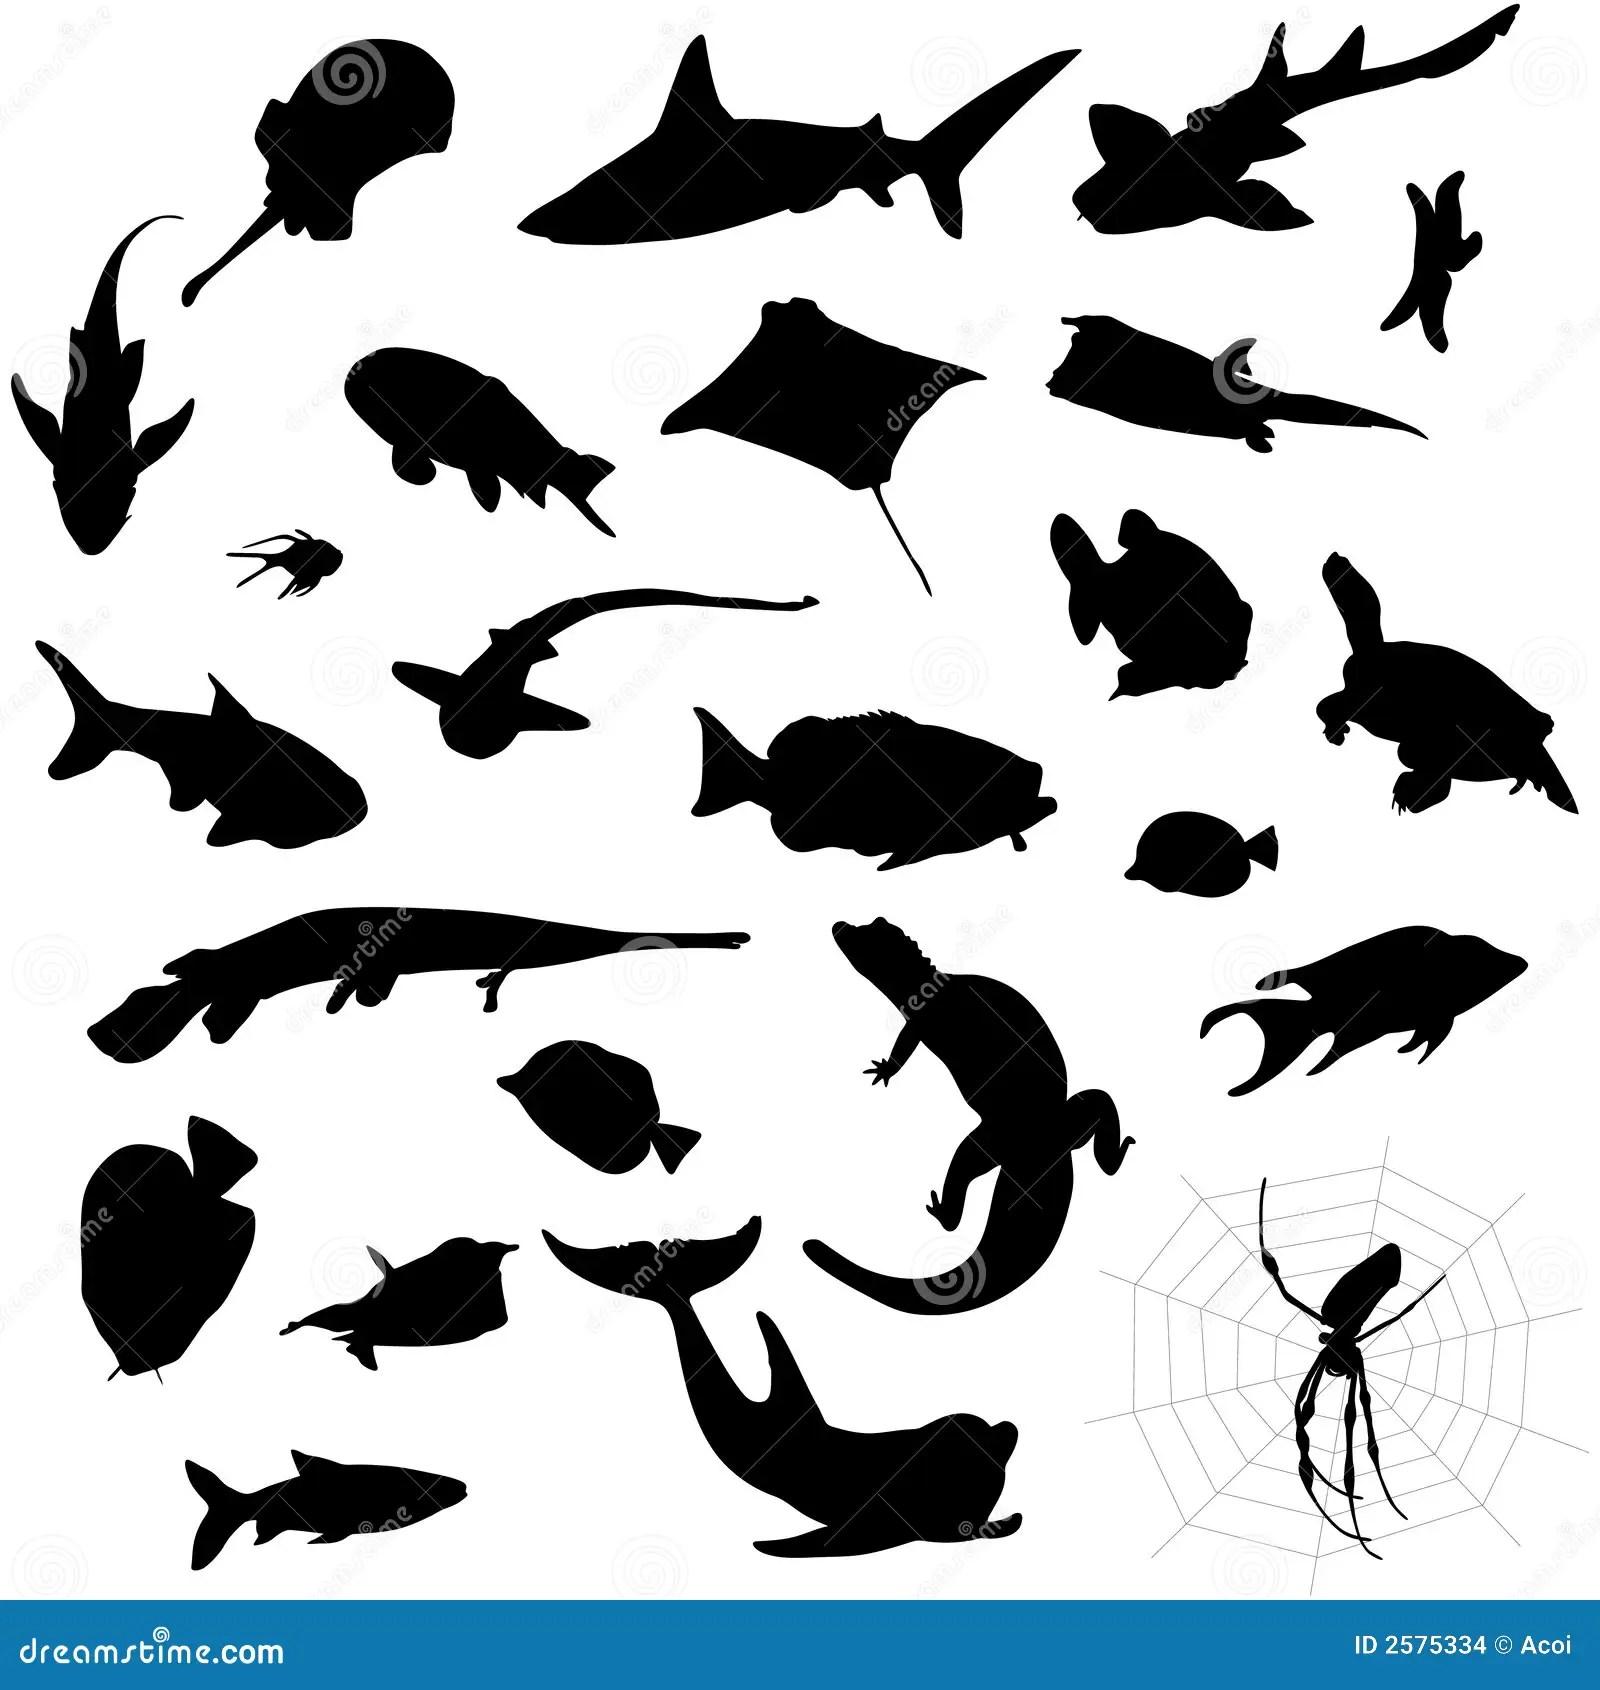 Aquarium Silhouettes Stock Vector Illustration Of River